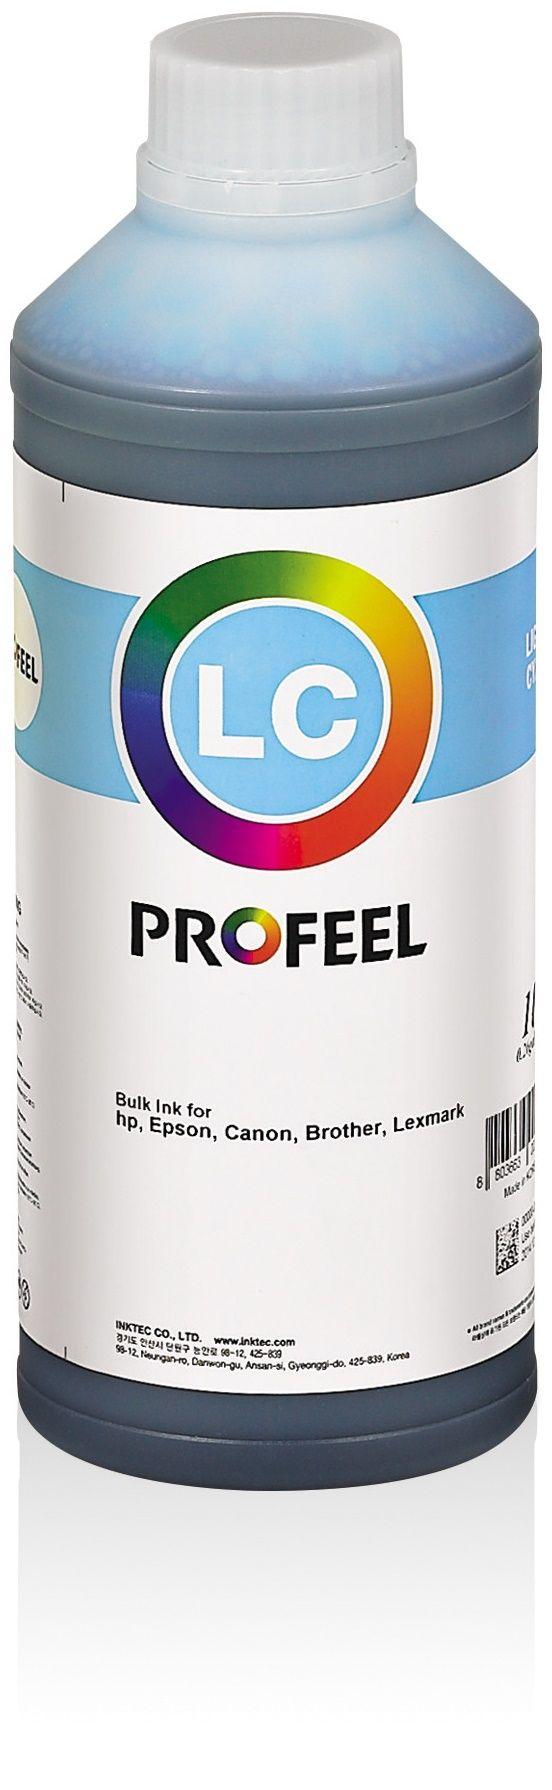 Tinta corante InkTec Profeel para Epson | modelo E0017-01LLC | Frasco de 1 litro | Cor : Ciano claro